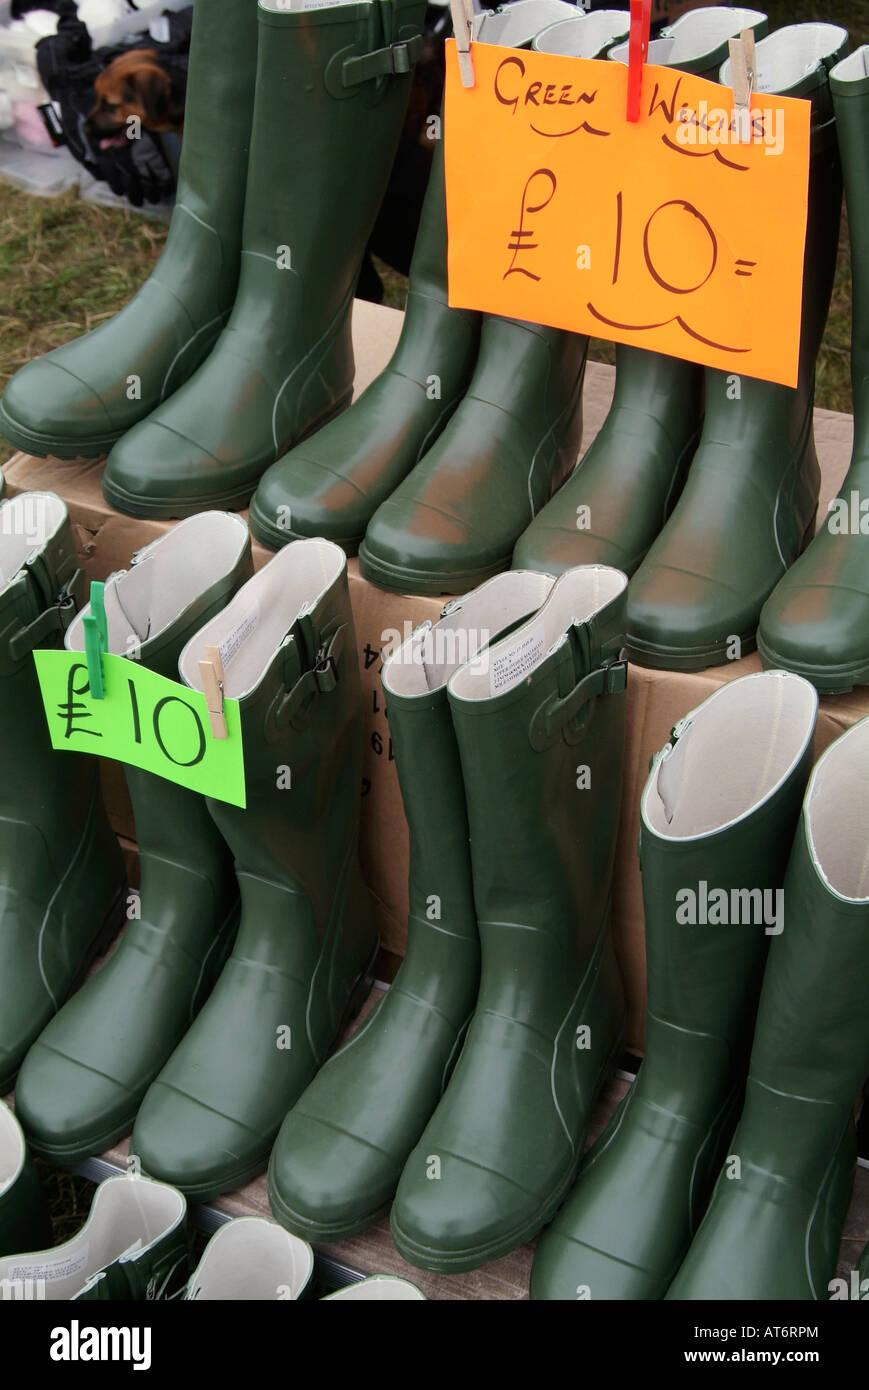 welly boot wellington rubber shoe footwear foot Stock Photo